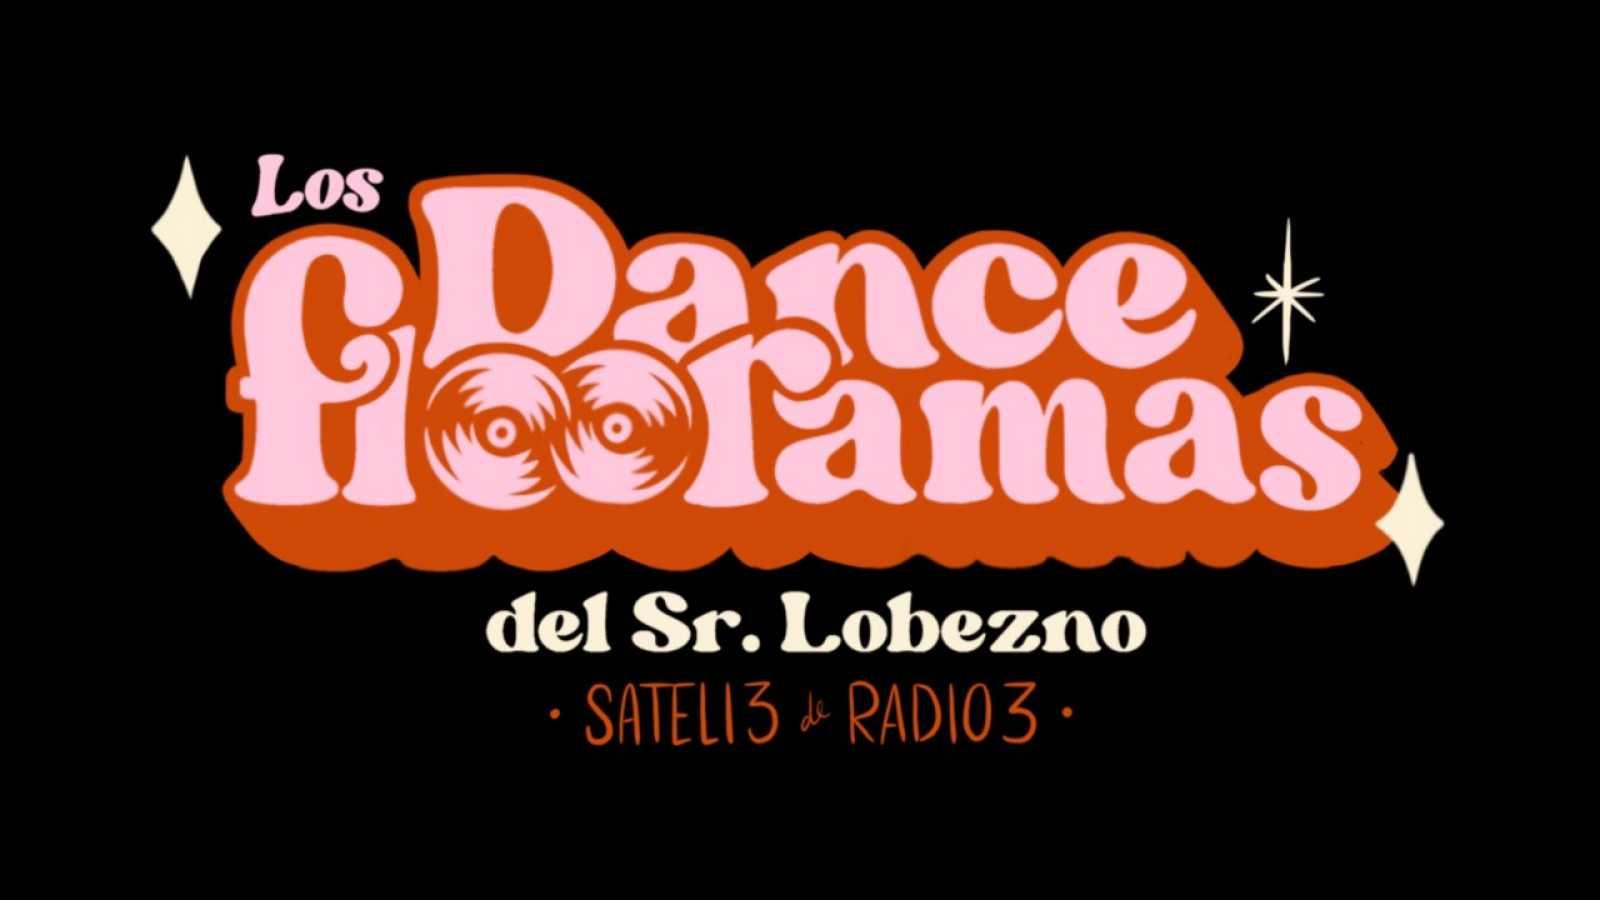 Sateli 3 - Los Danceflooramas del Sr. Lobezno (08) (Granada) !!! - 02/04/21 - escuchar ahora